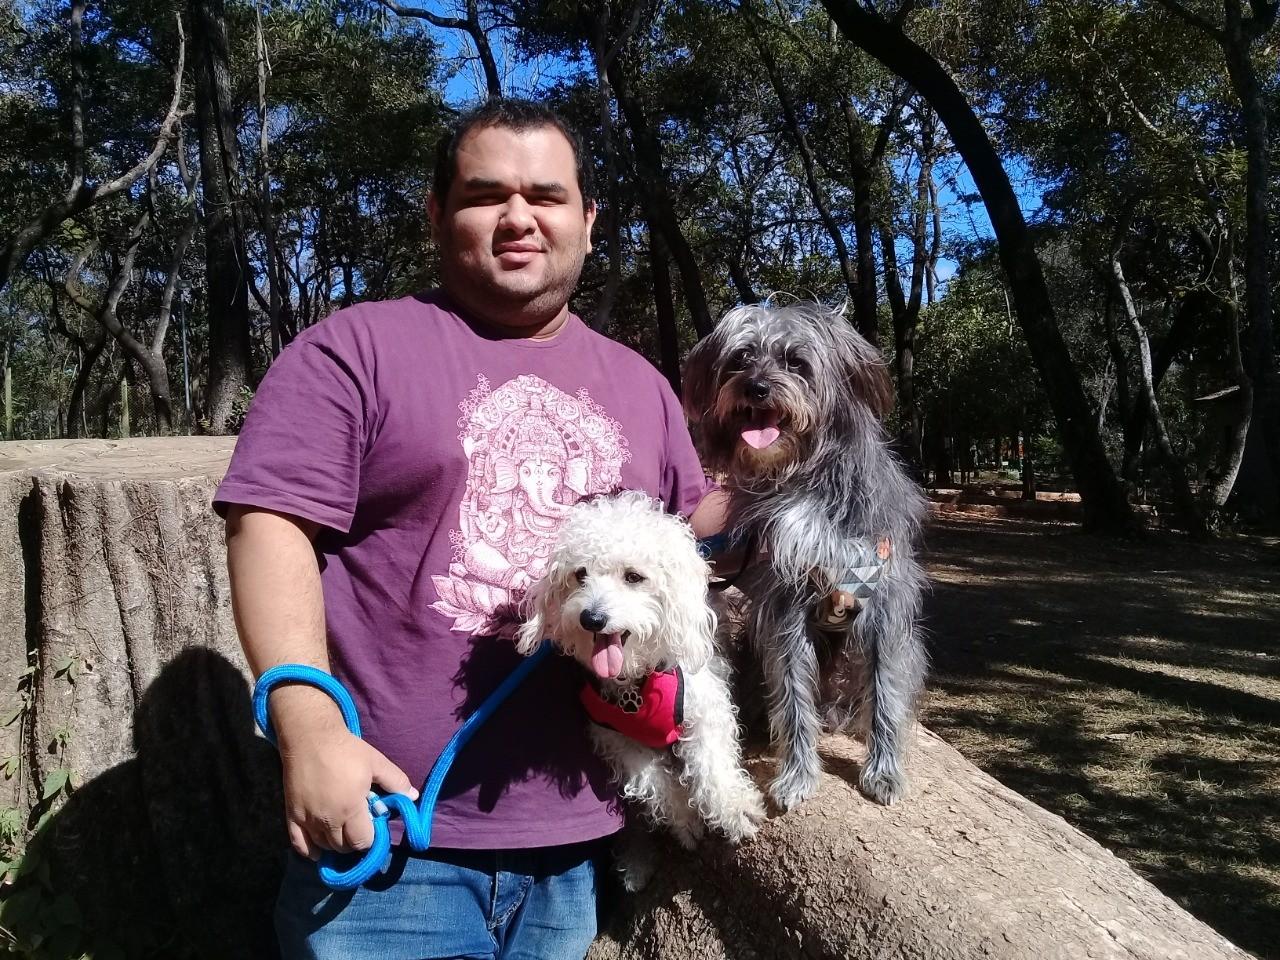 É o Bicho: Veja quais vacinas devem ser aplicadas em cães e gatos - Notícias - Plantão Diário